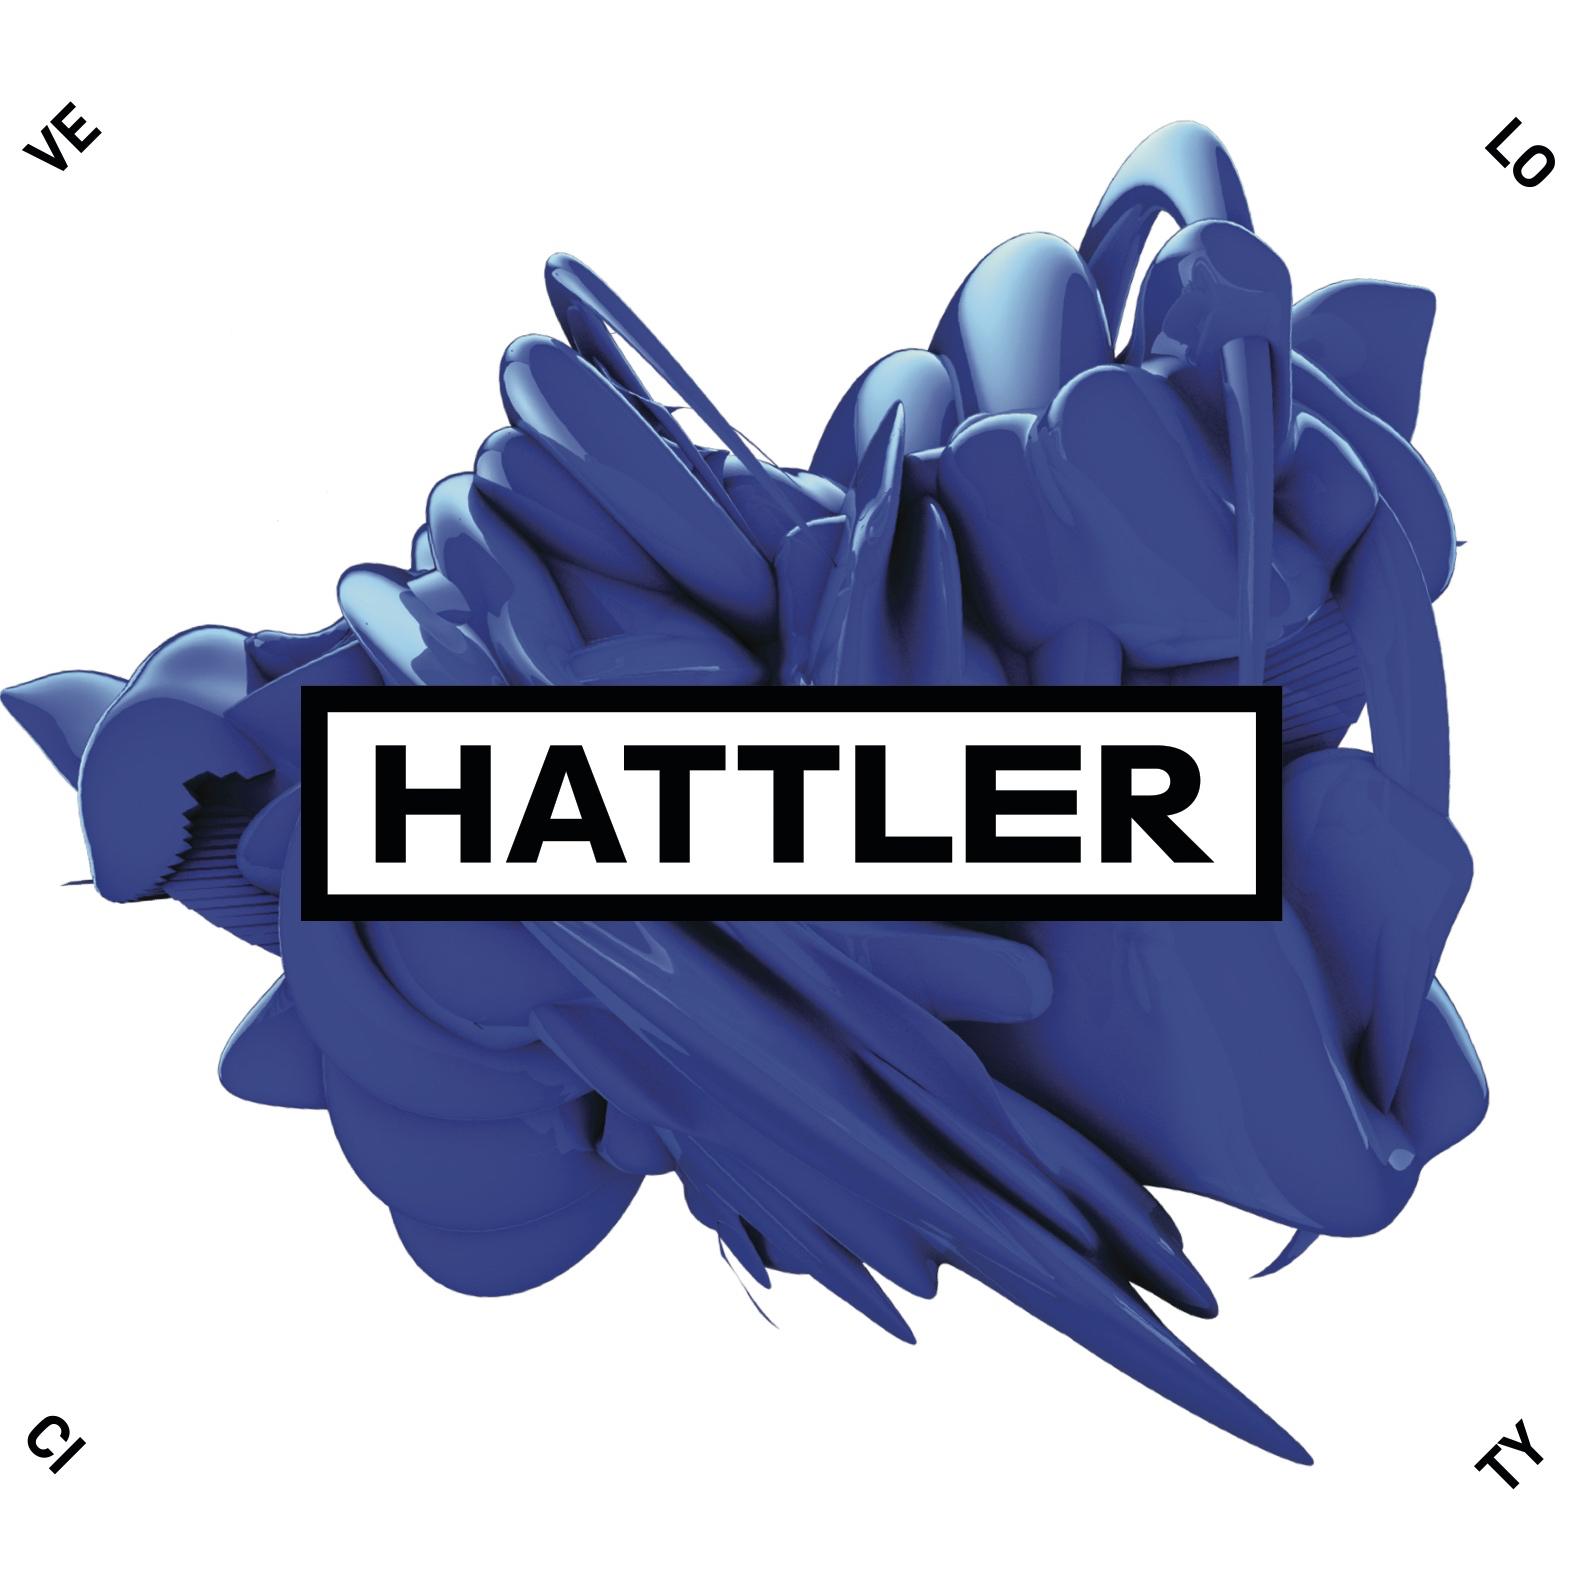 hattler_velocity_cover_2018